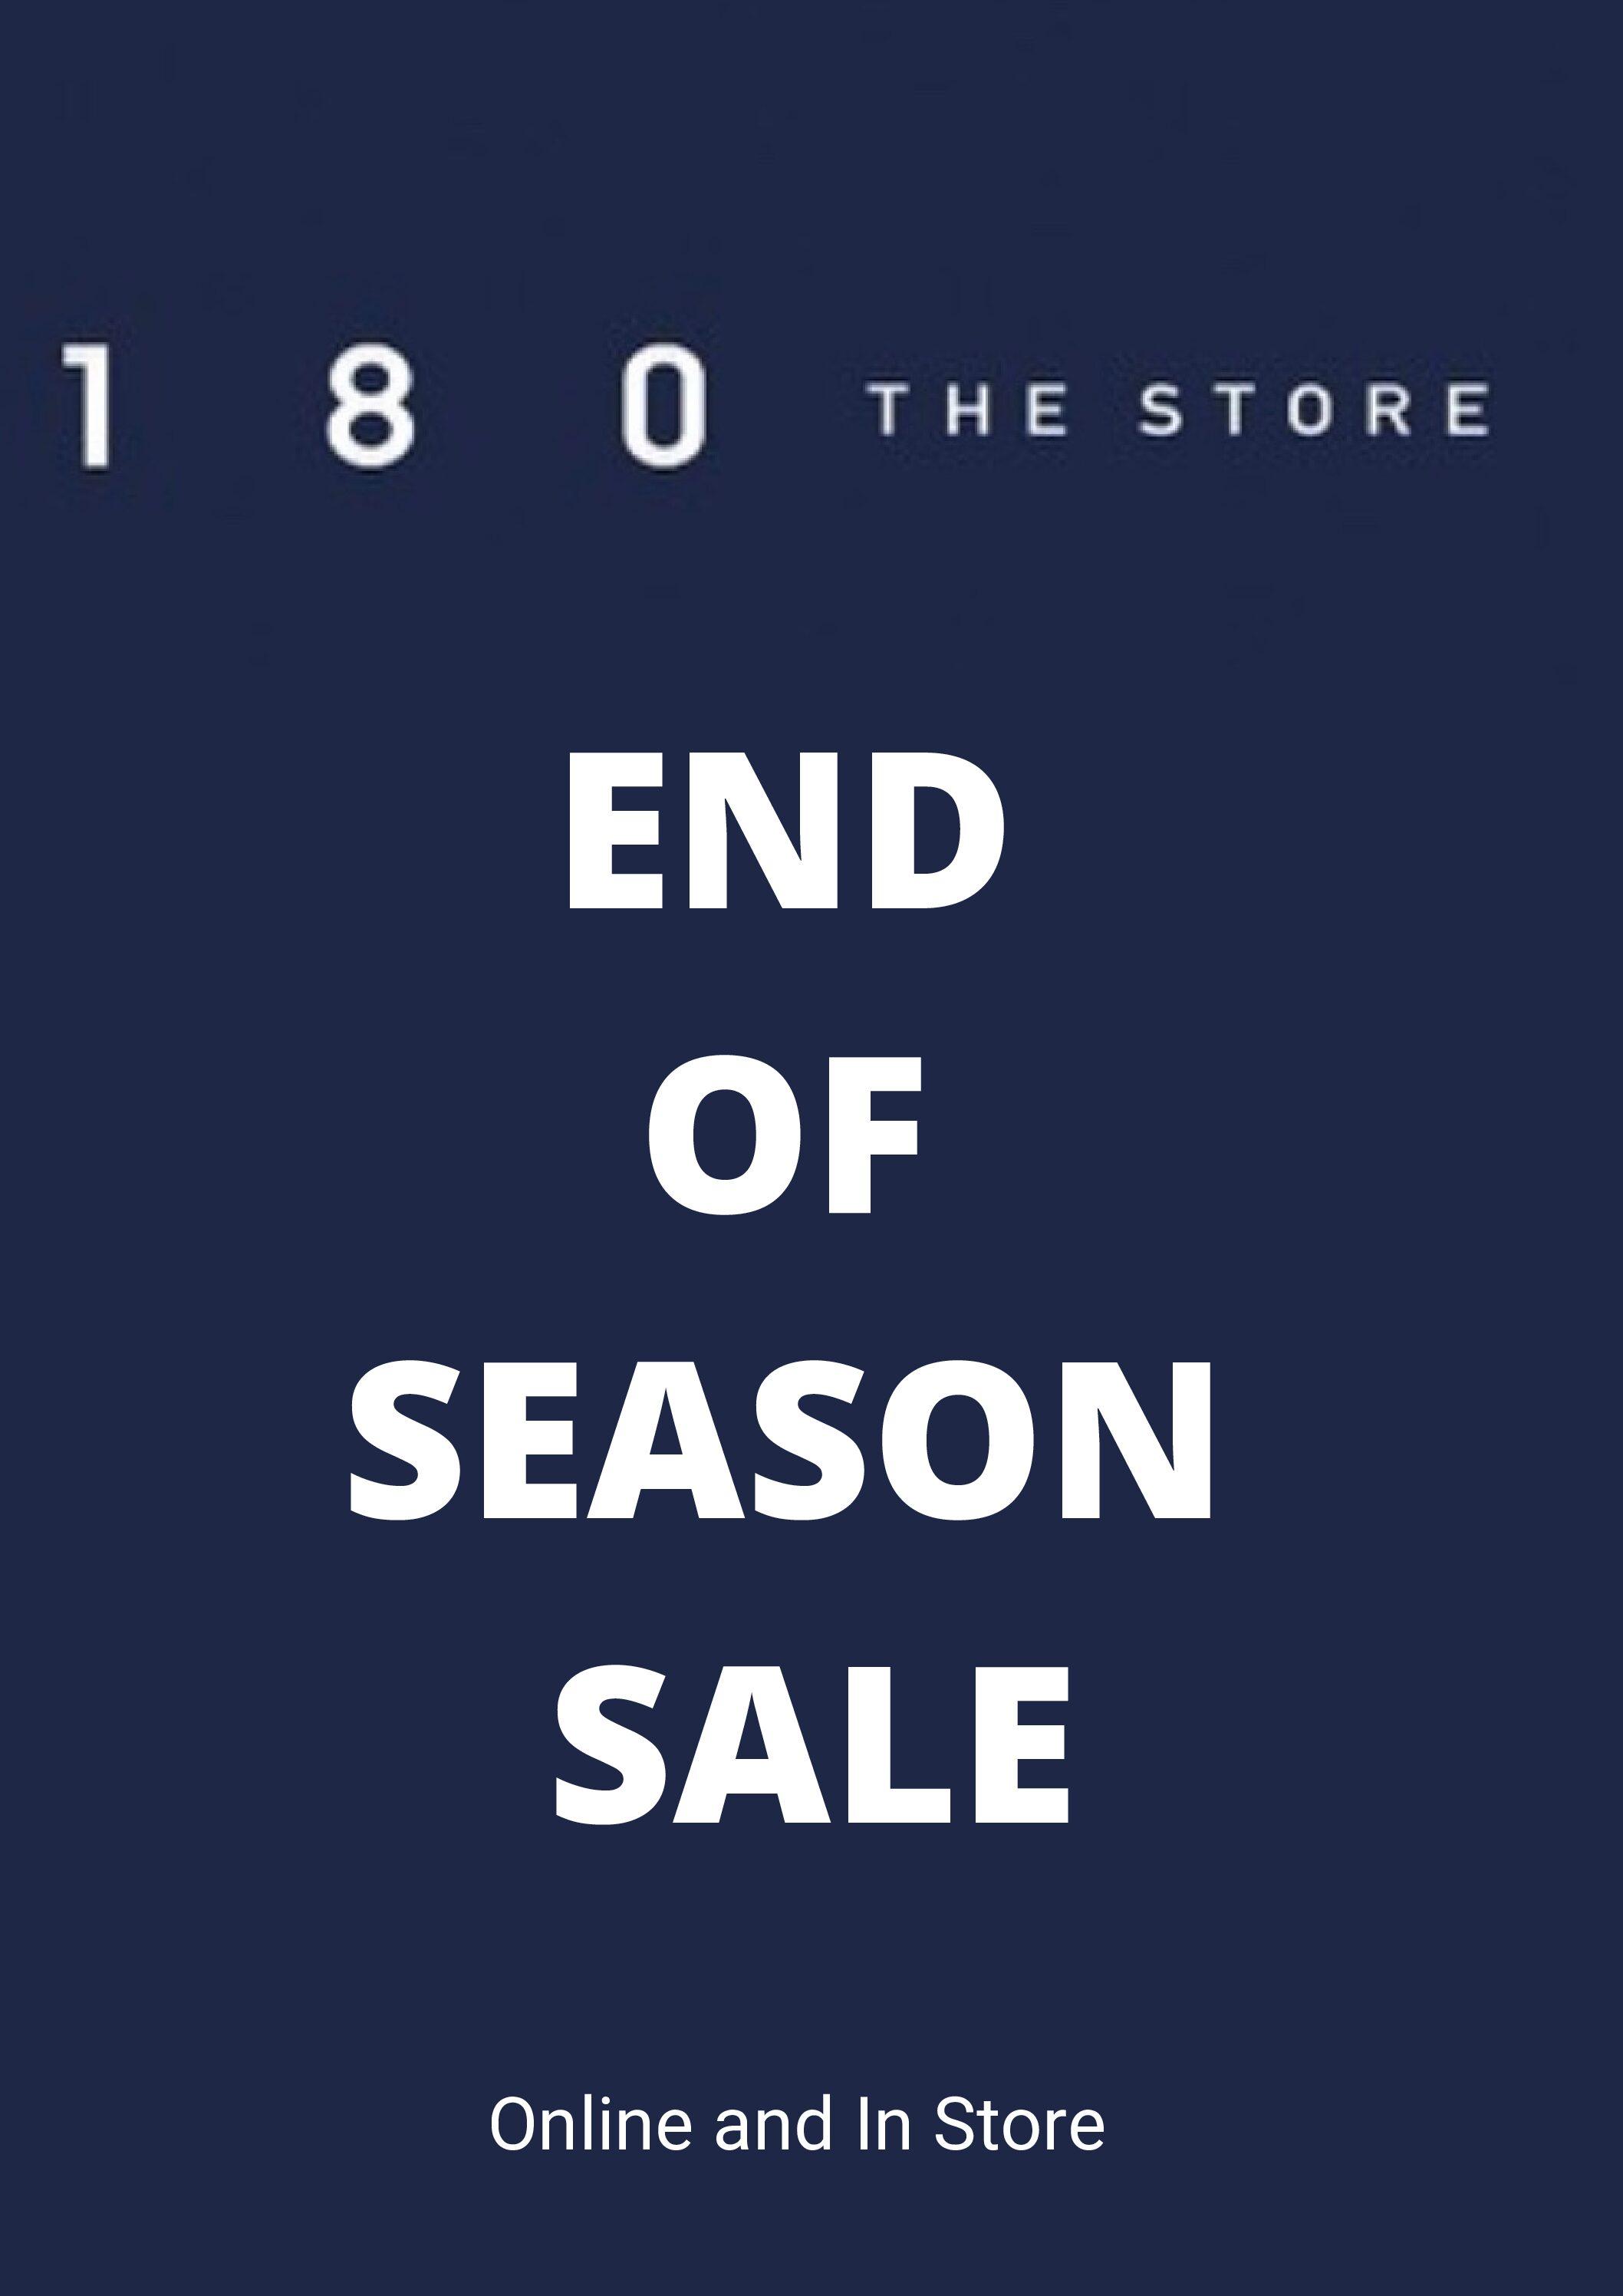 Annual Winter Sale